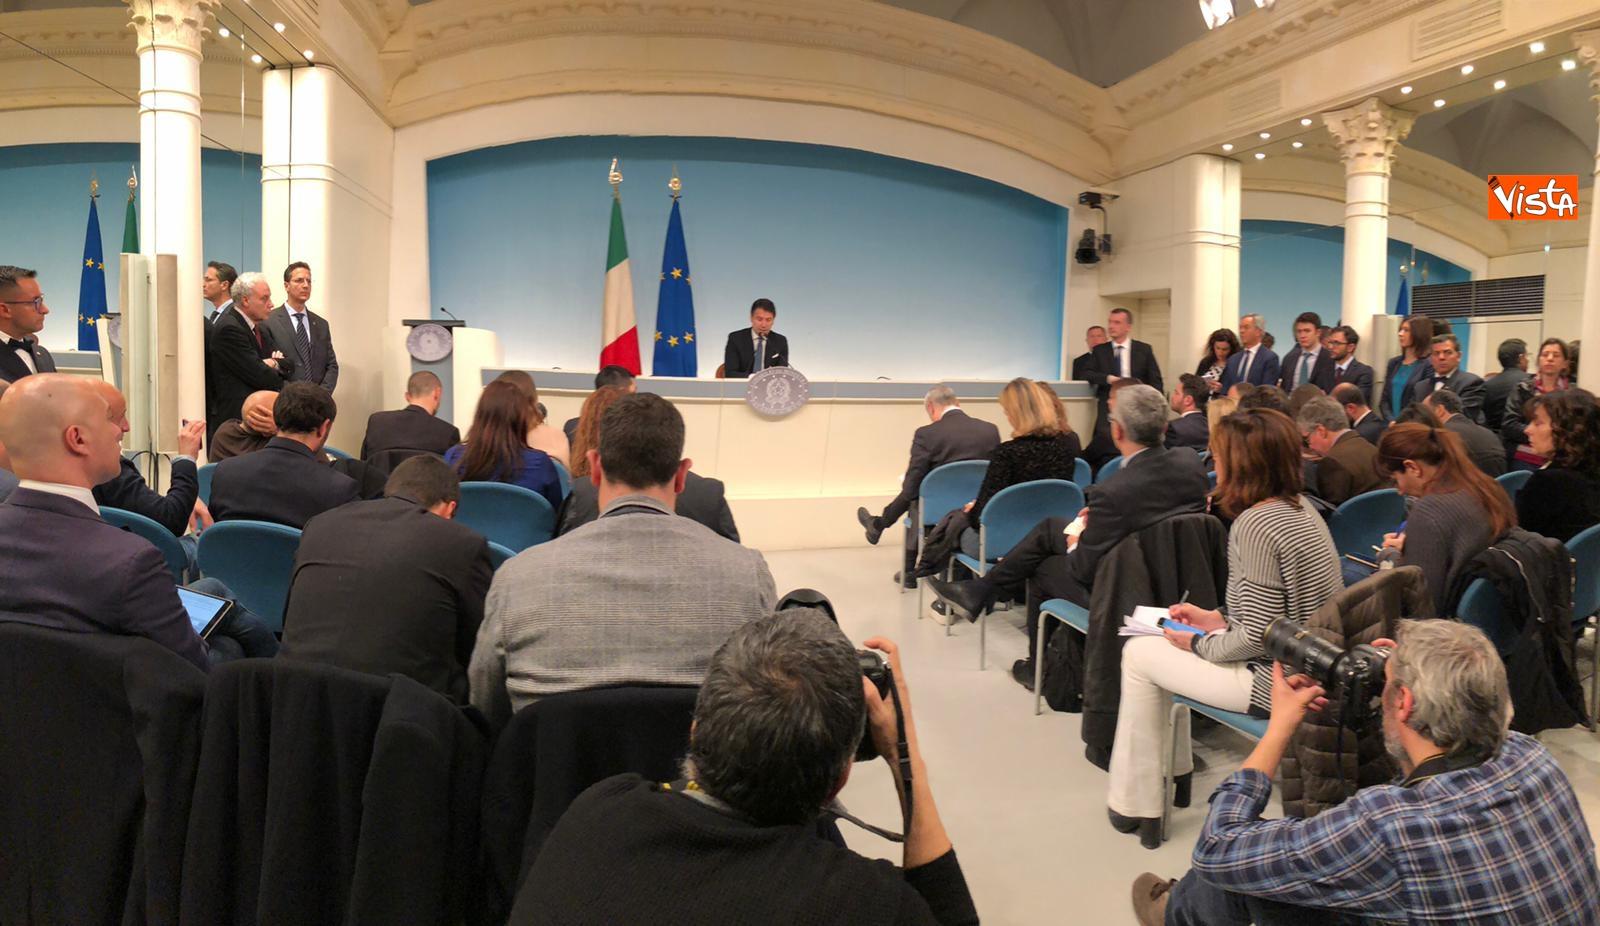 07-03-19 Tav Conte in conferenza stampa a Palazzo Chigi immagini_03